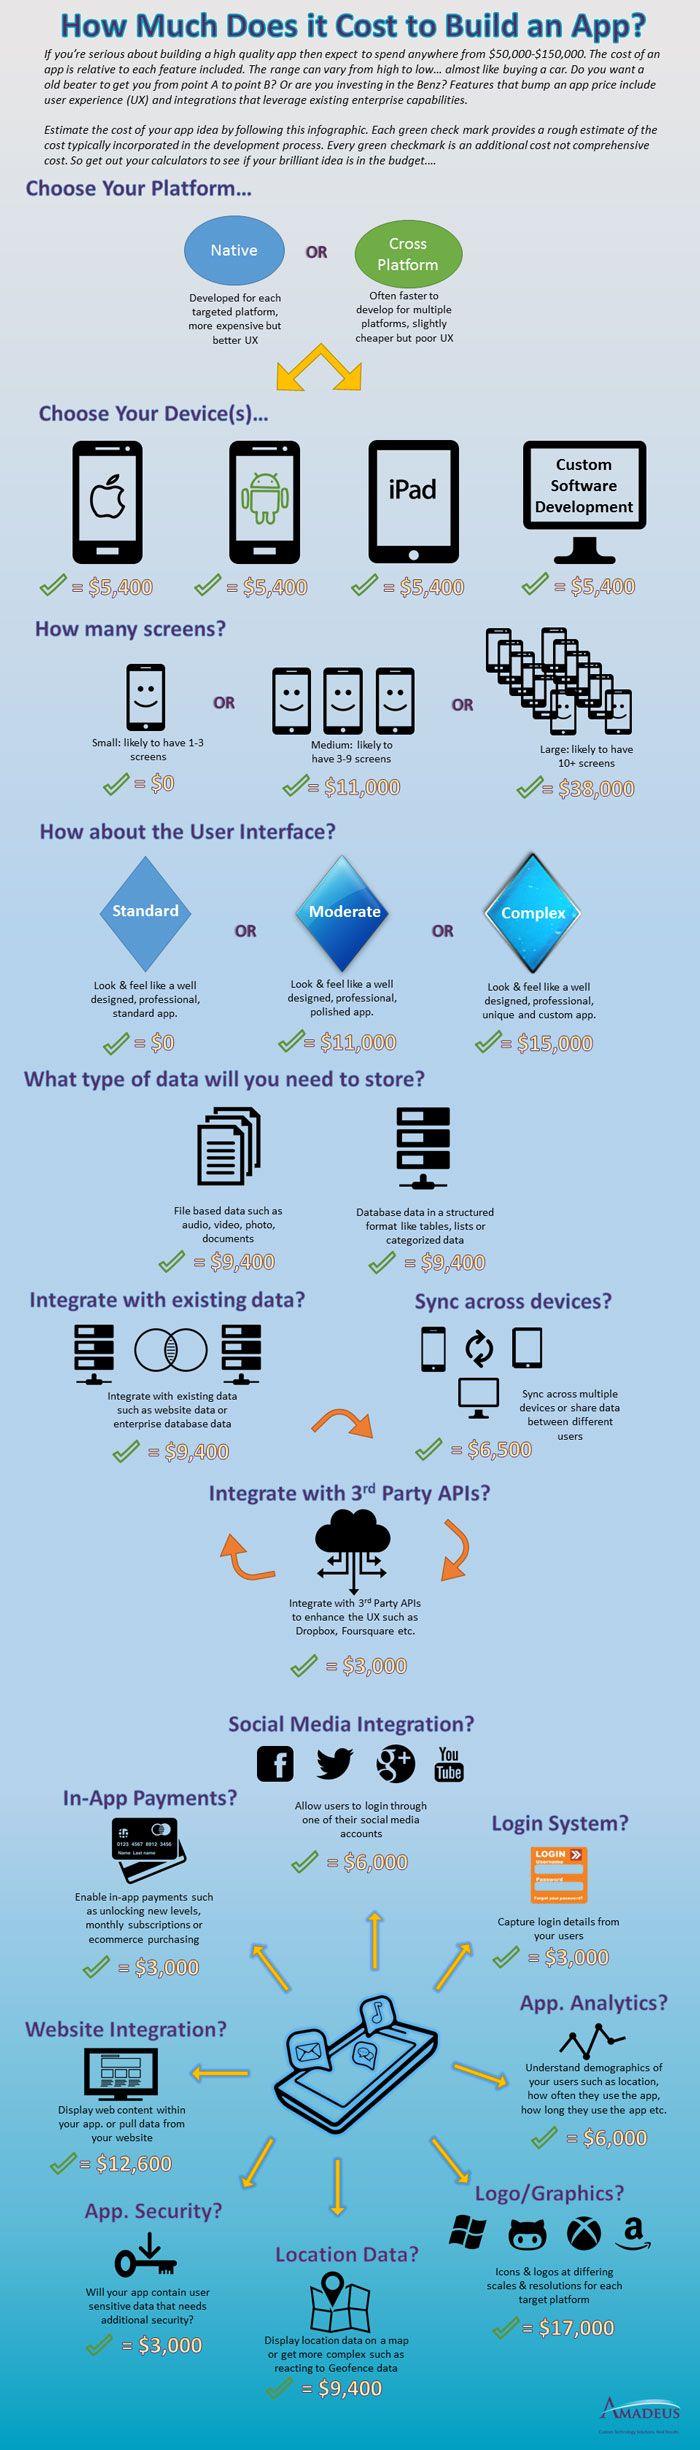 Cuánto Cuesta Desarrollar Una Aplicación Vecindad Gráfica Diseño Gráfico Diseño De Aplicaciones Móviles Ingenieria De Software Comunicacion Y Marketing